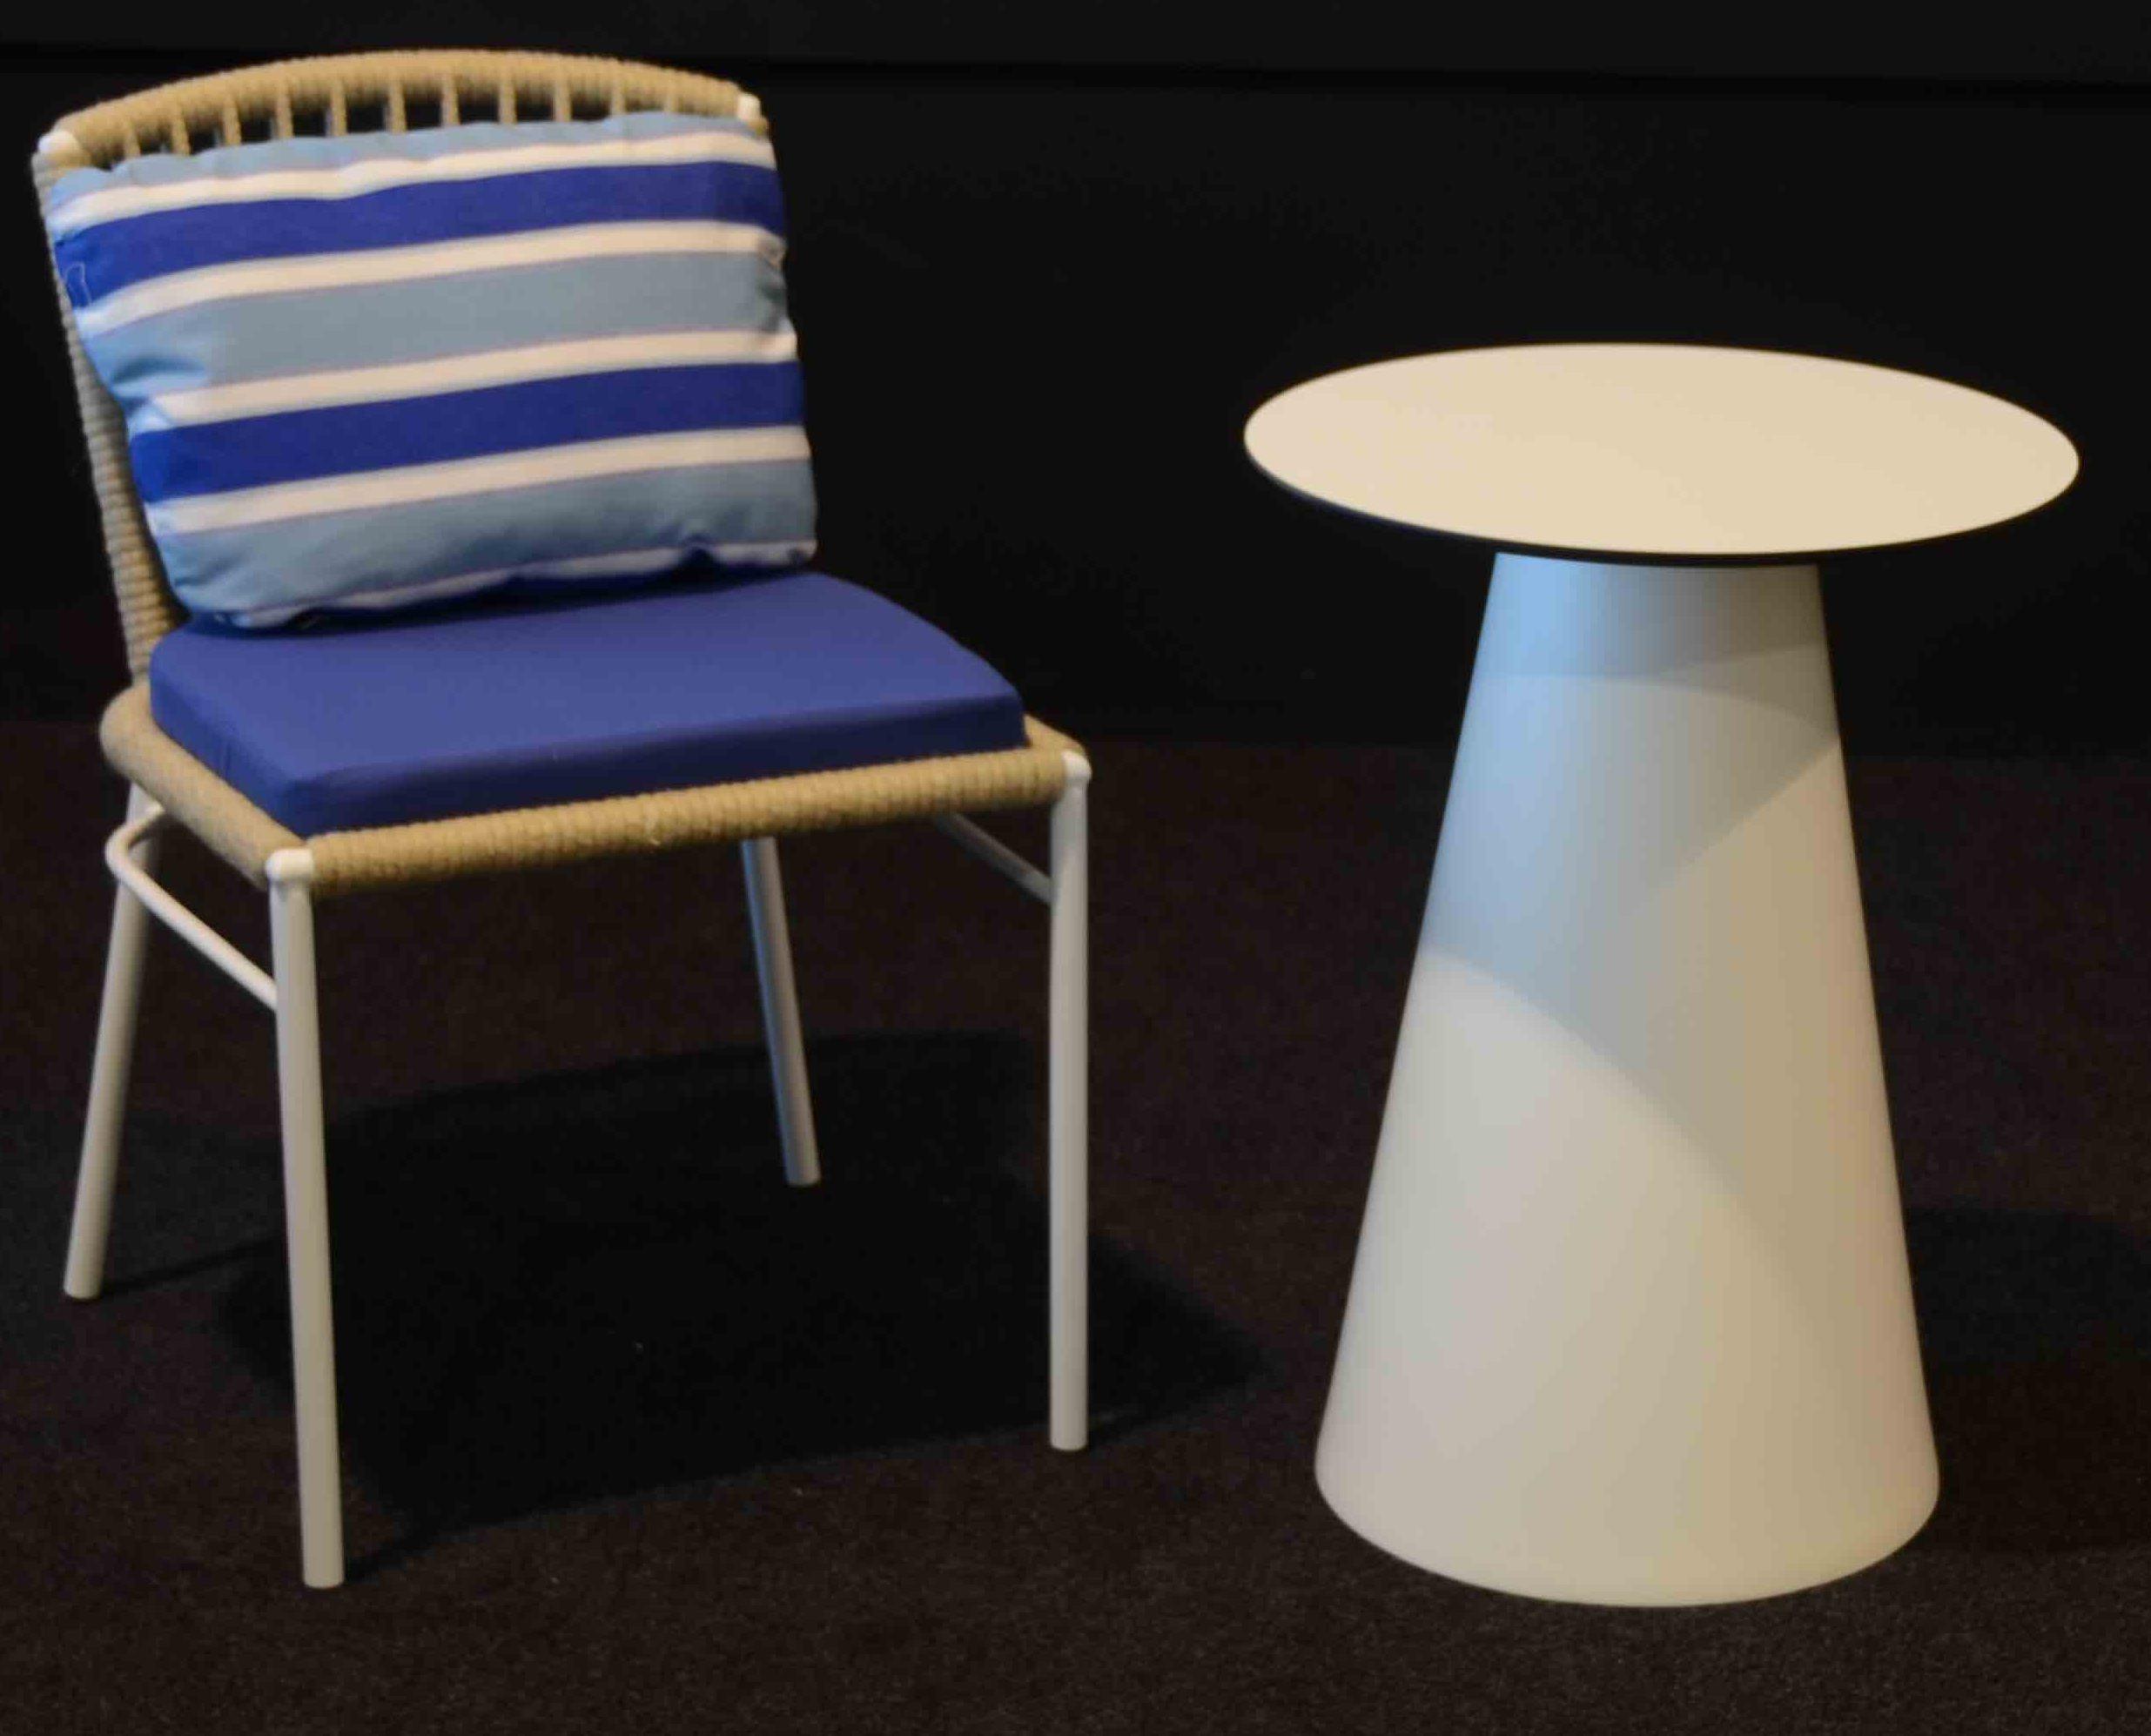 Mesita balconera con silla Habana yute tapizado azul